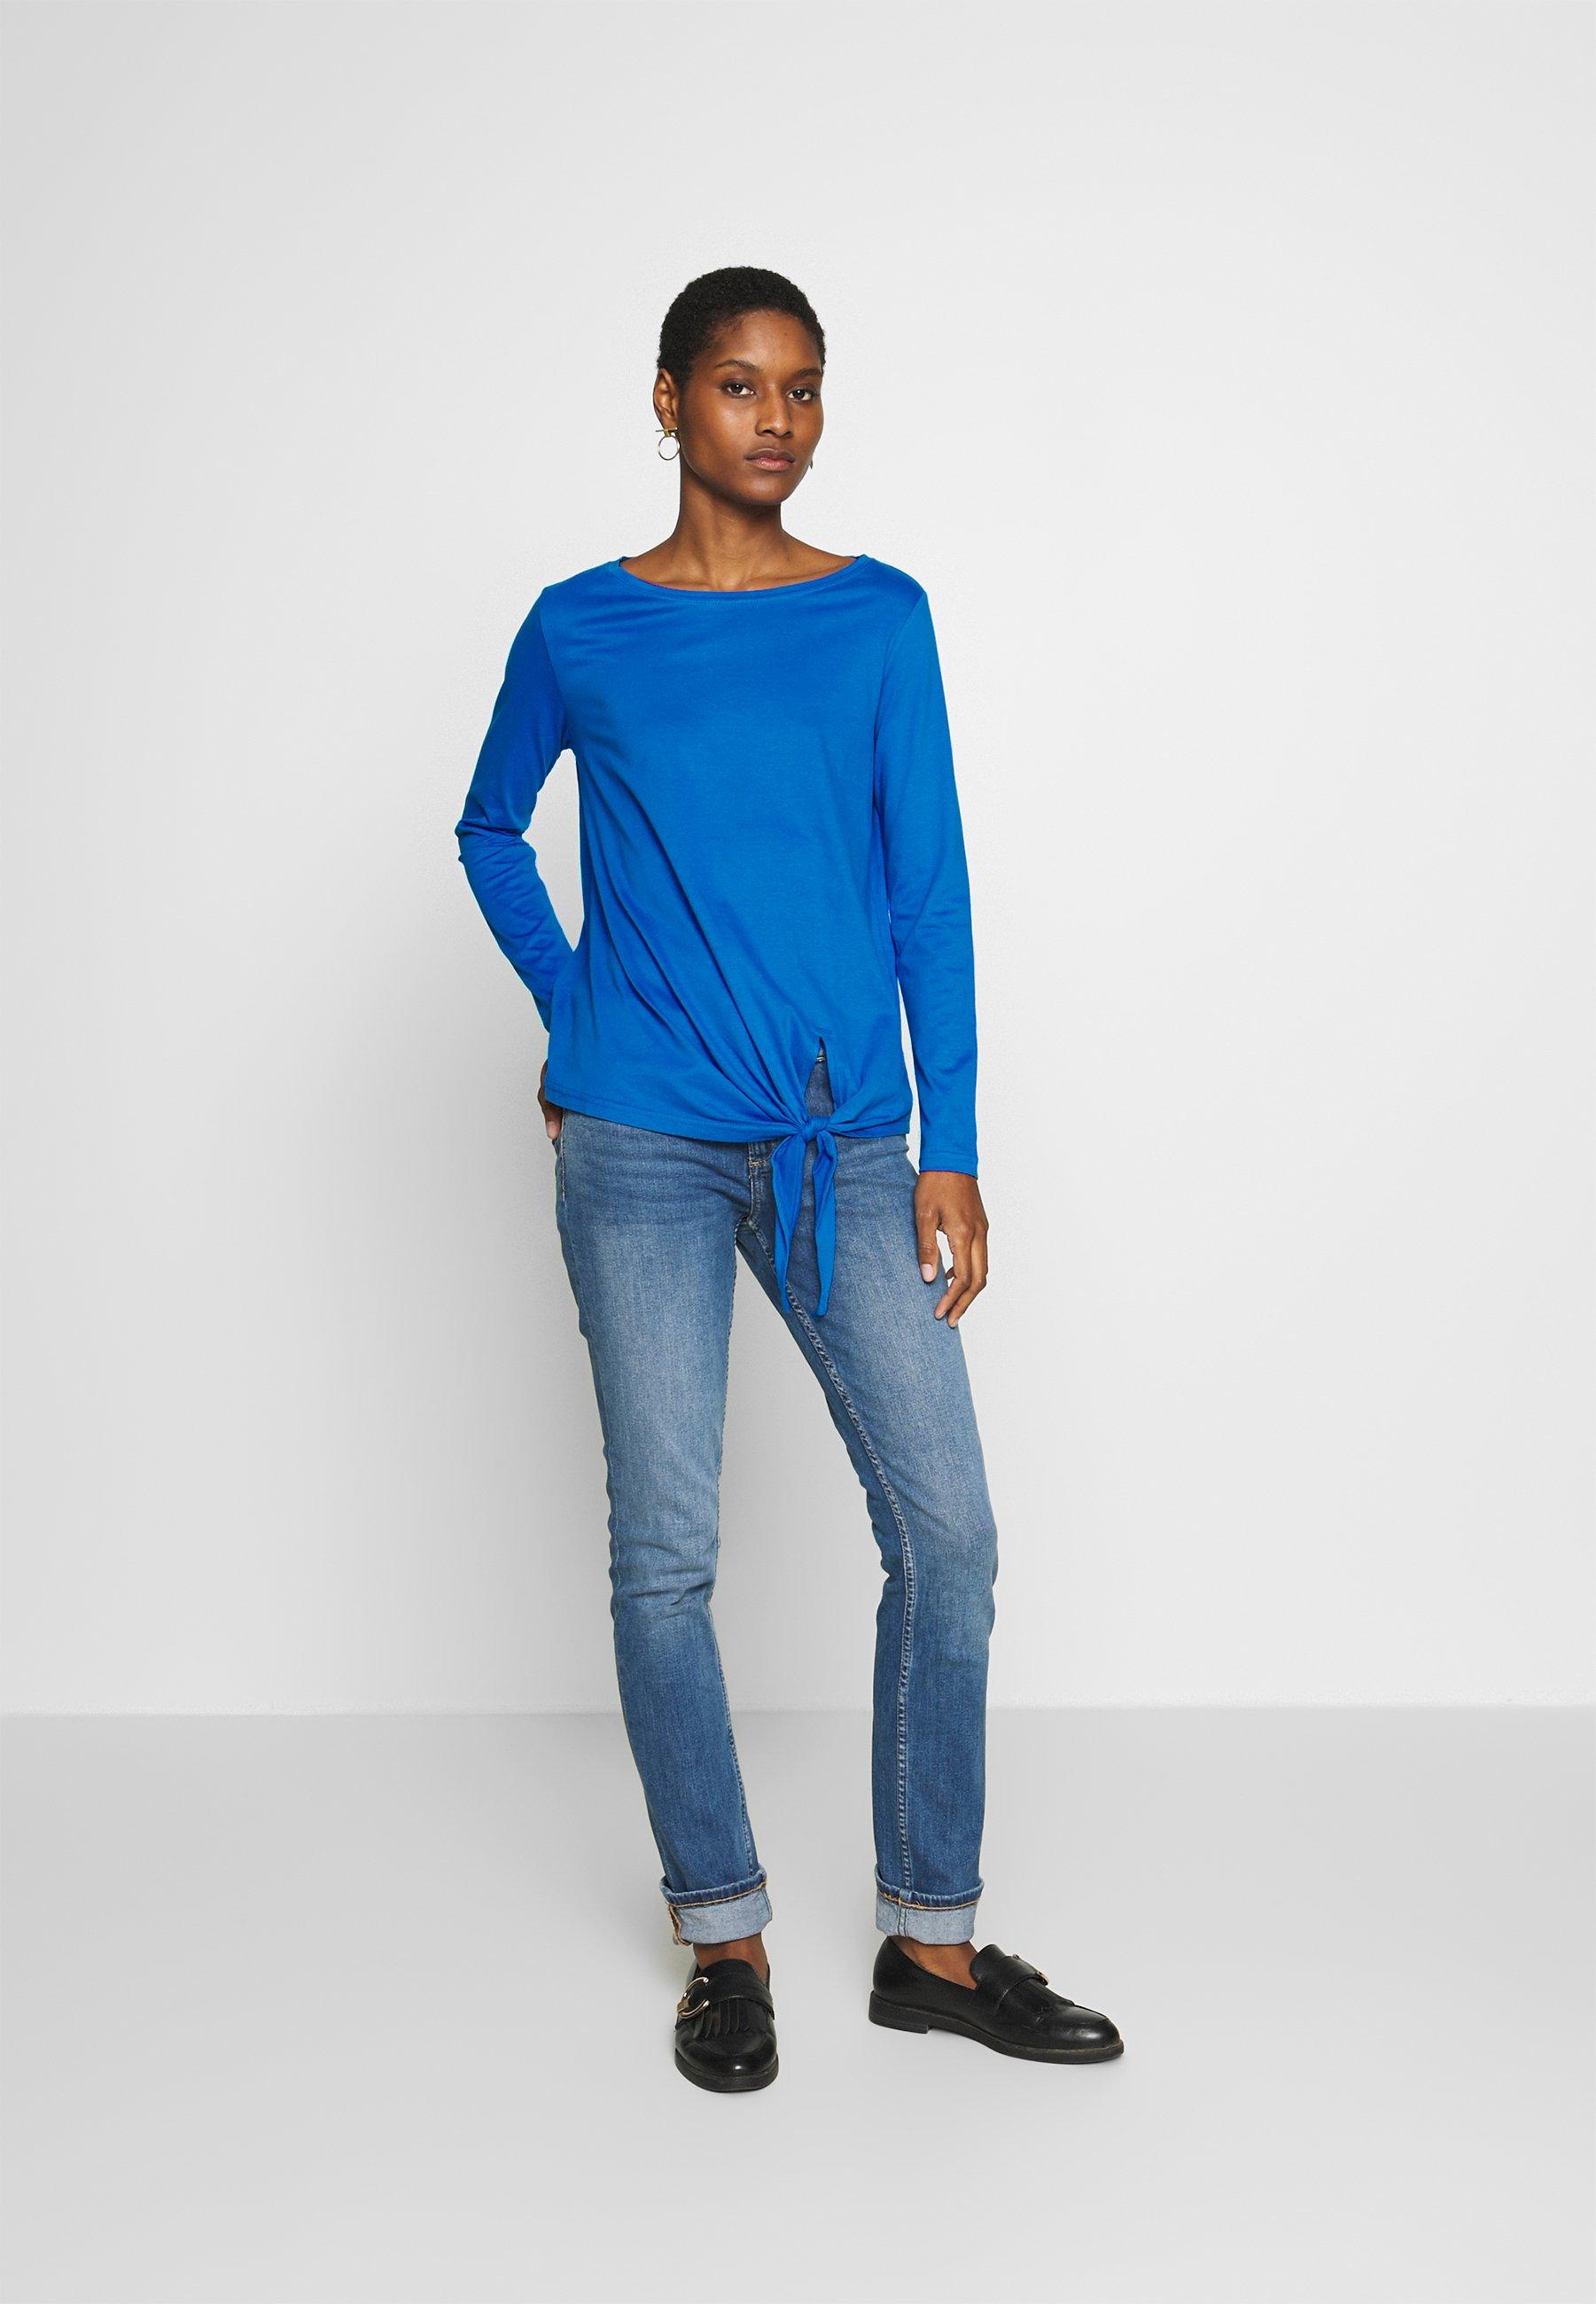 S.oliver Long Sleeved Top - Royal Blue